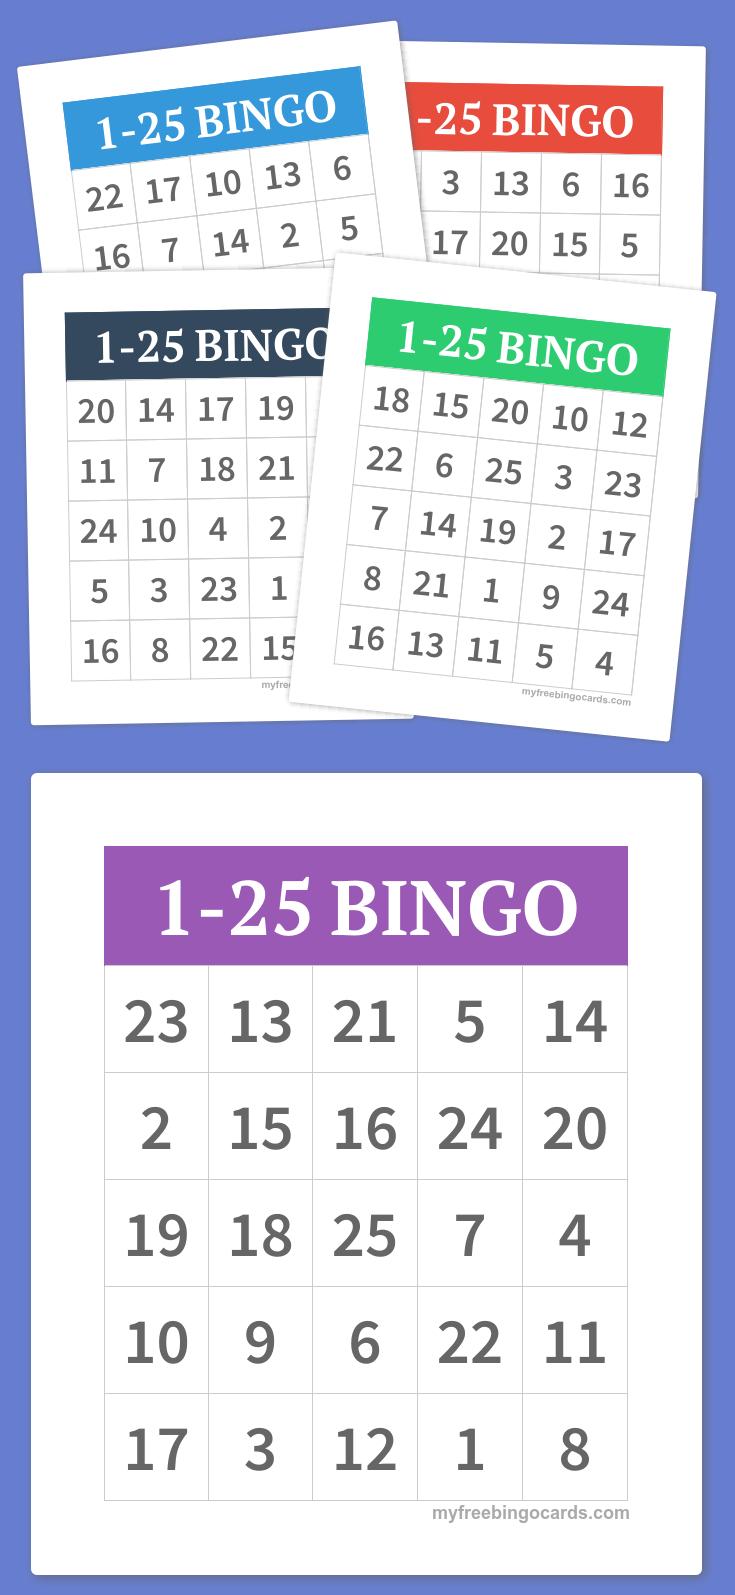 1-25 Bingo   Diy   Alphabet Bingo, Bingo Cards, Bingo - Free Printable Spanish Bingo Cards